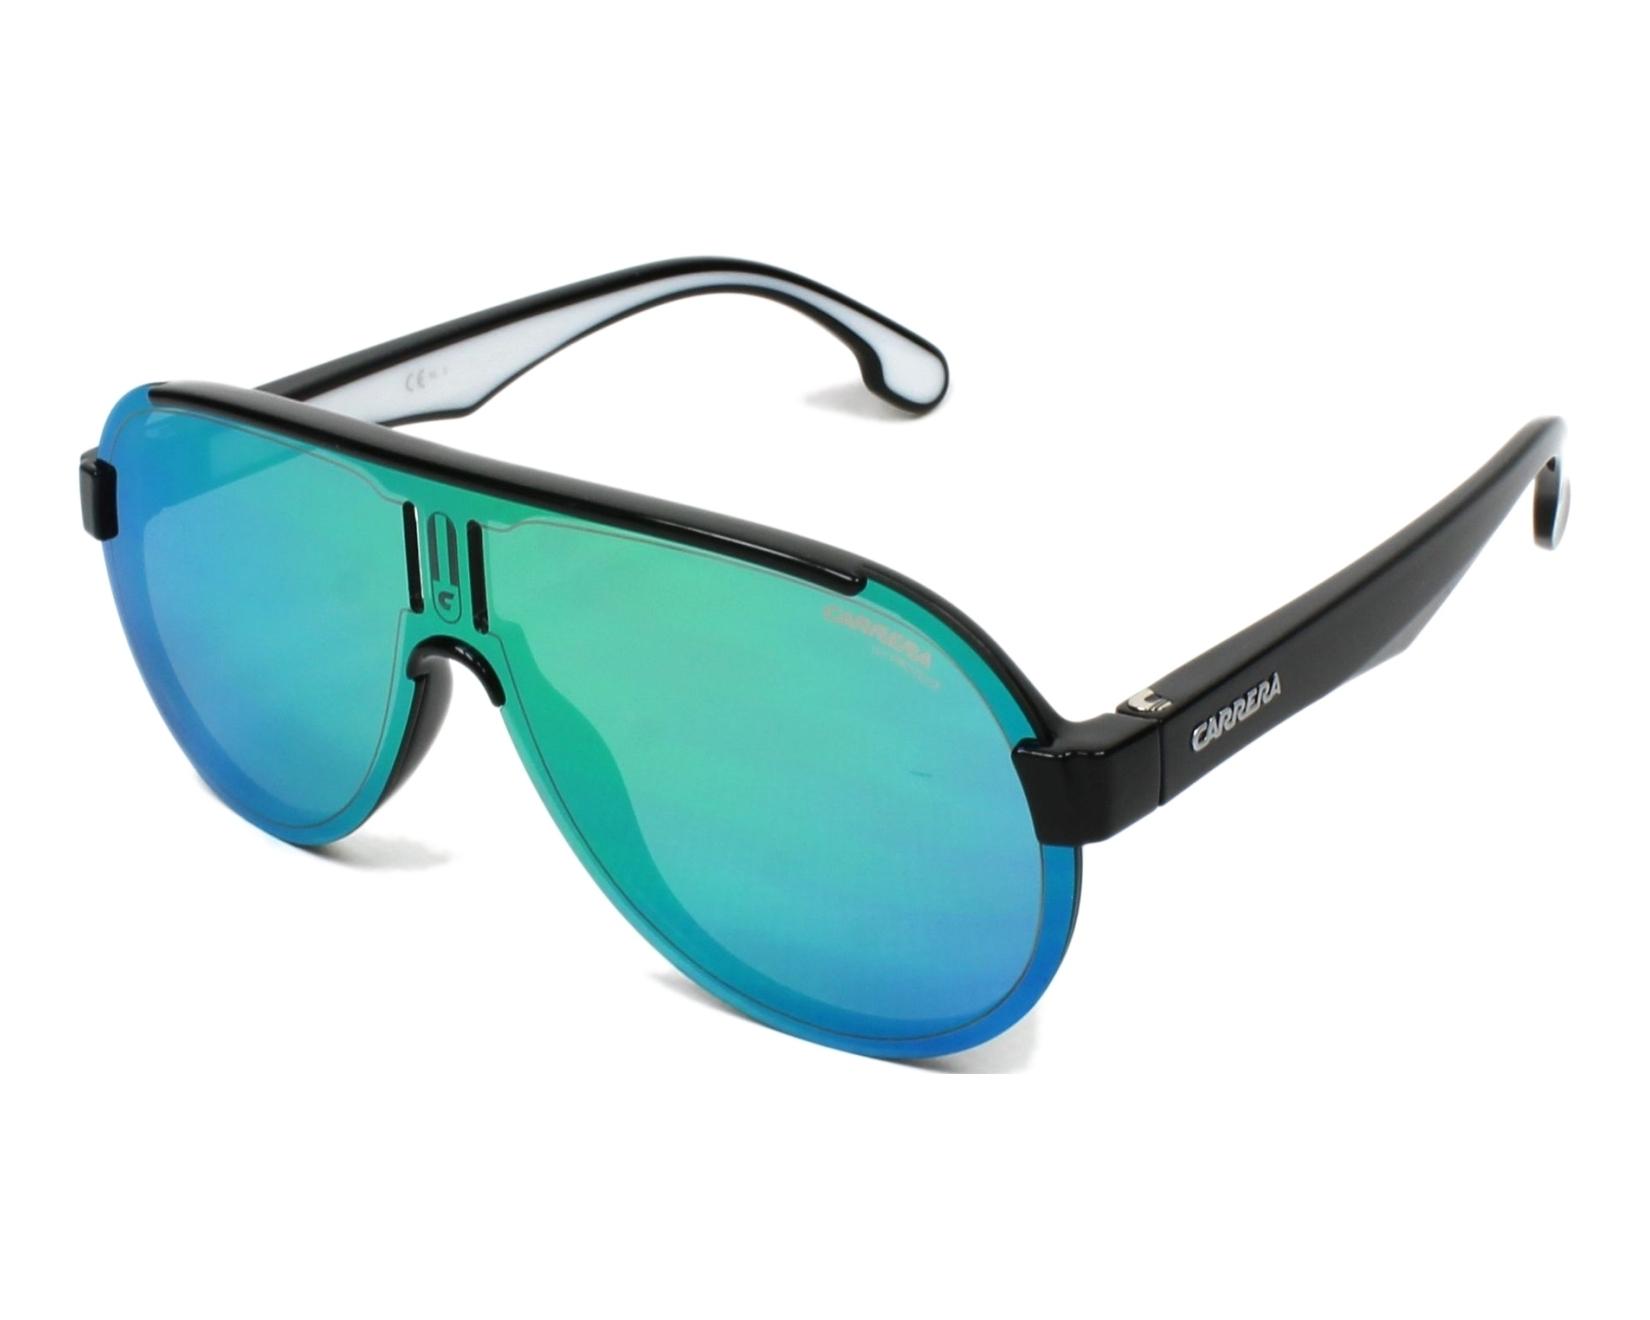 Carrera Eyewear Herren Sonnenbrille » CARRERA 1008/S«, schwarz, 807/Z9 - schwarz/grün